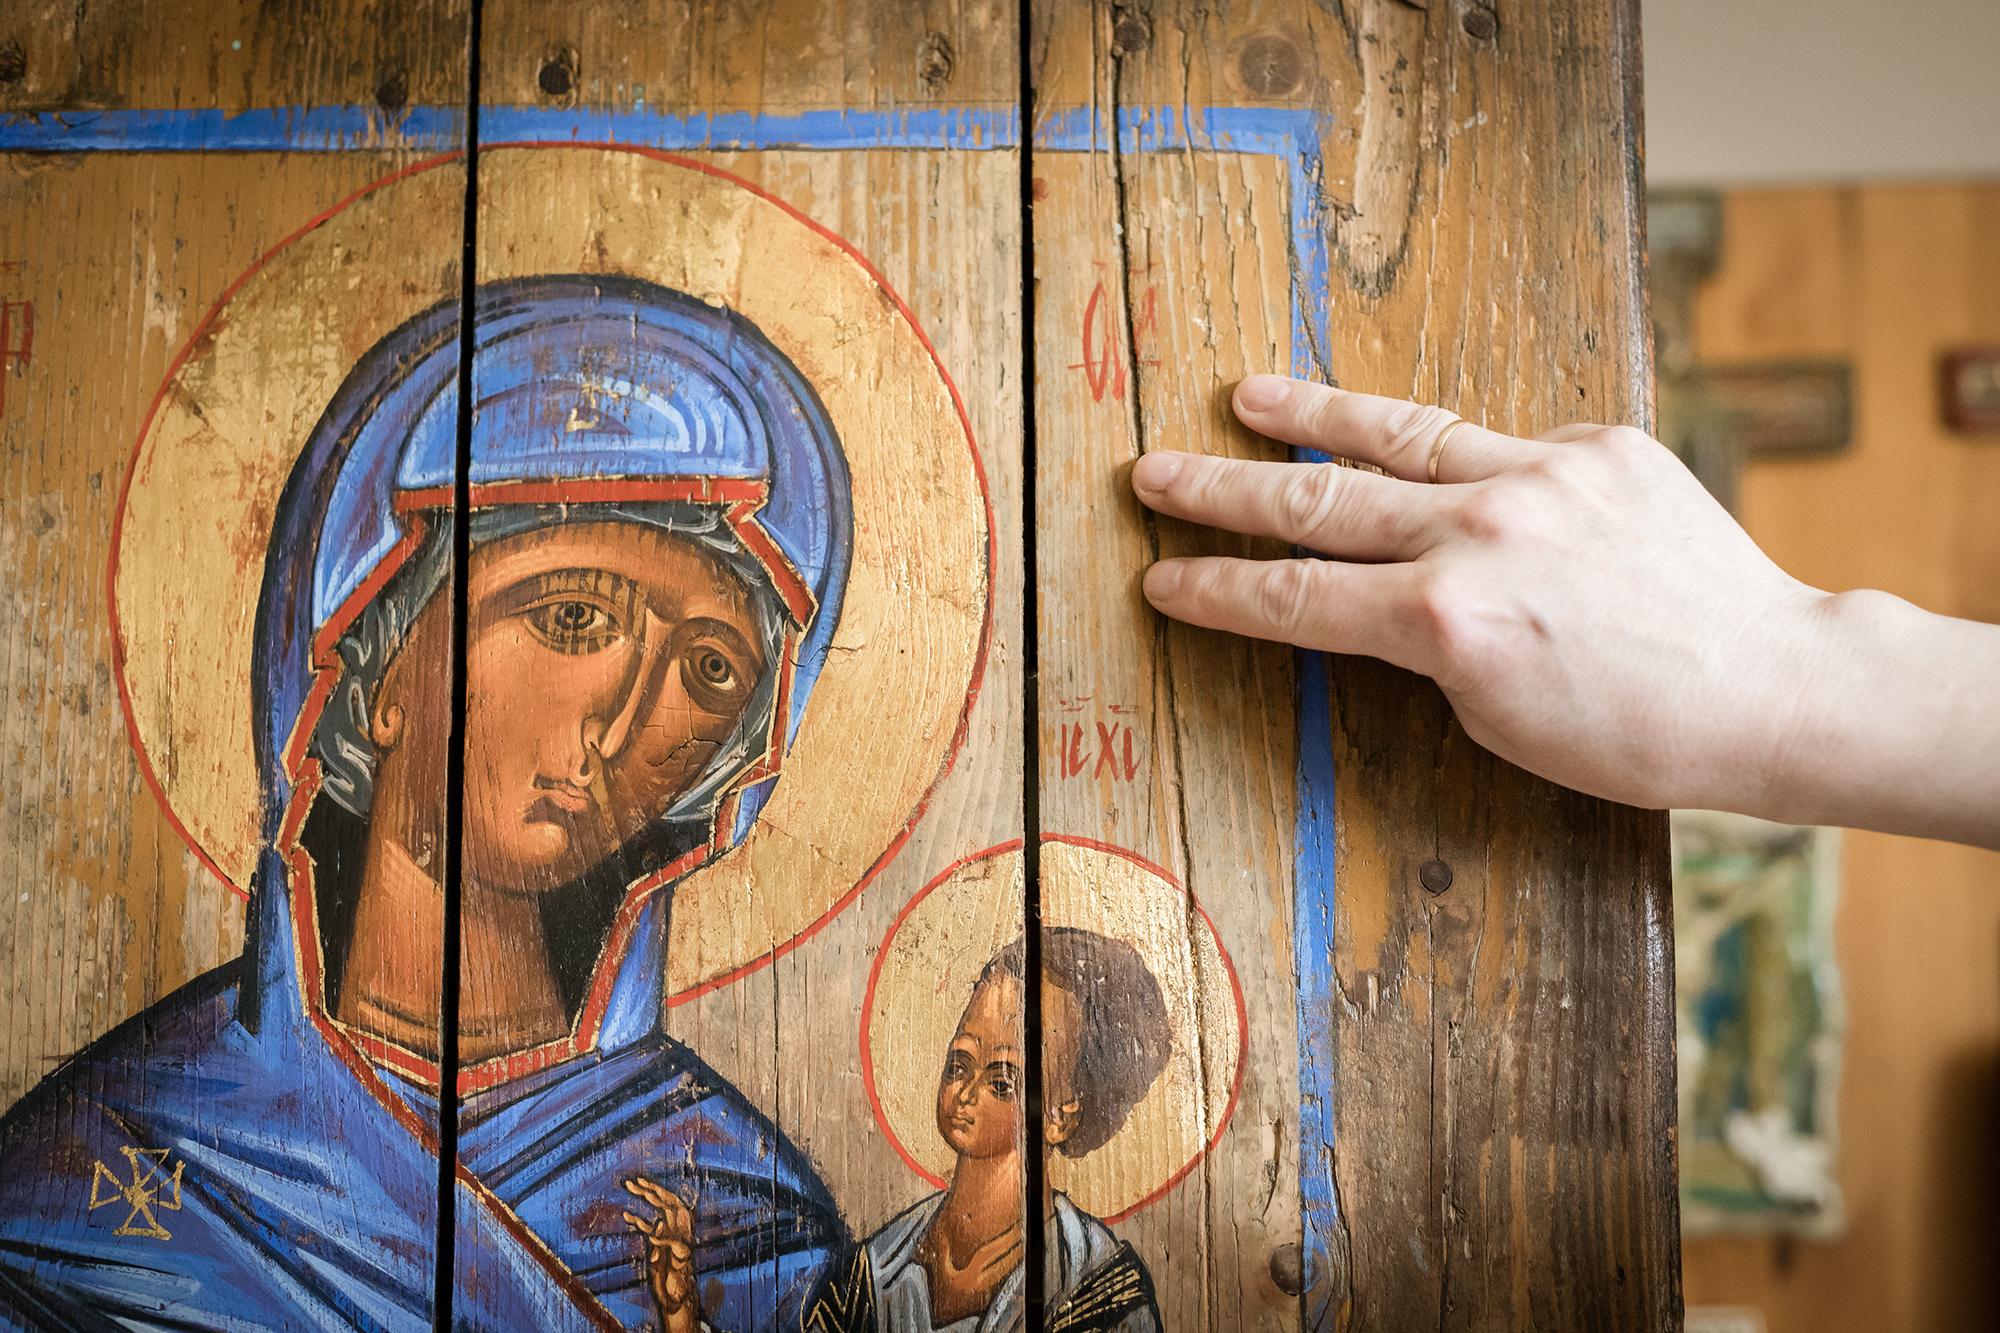 Drewniany podkład dla ikony może być niedoskonały.